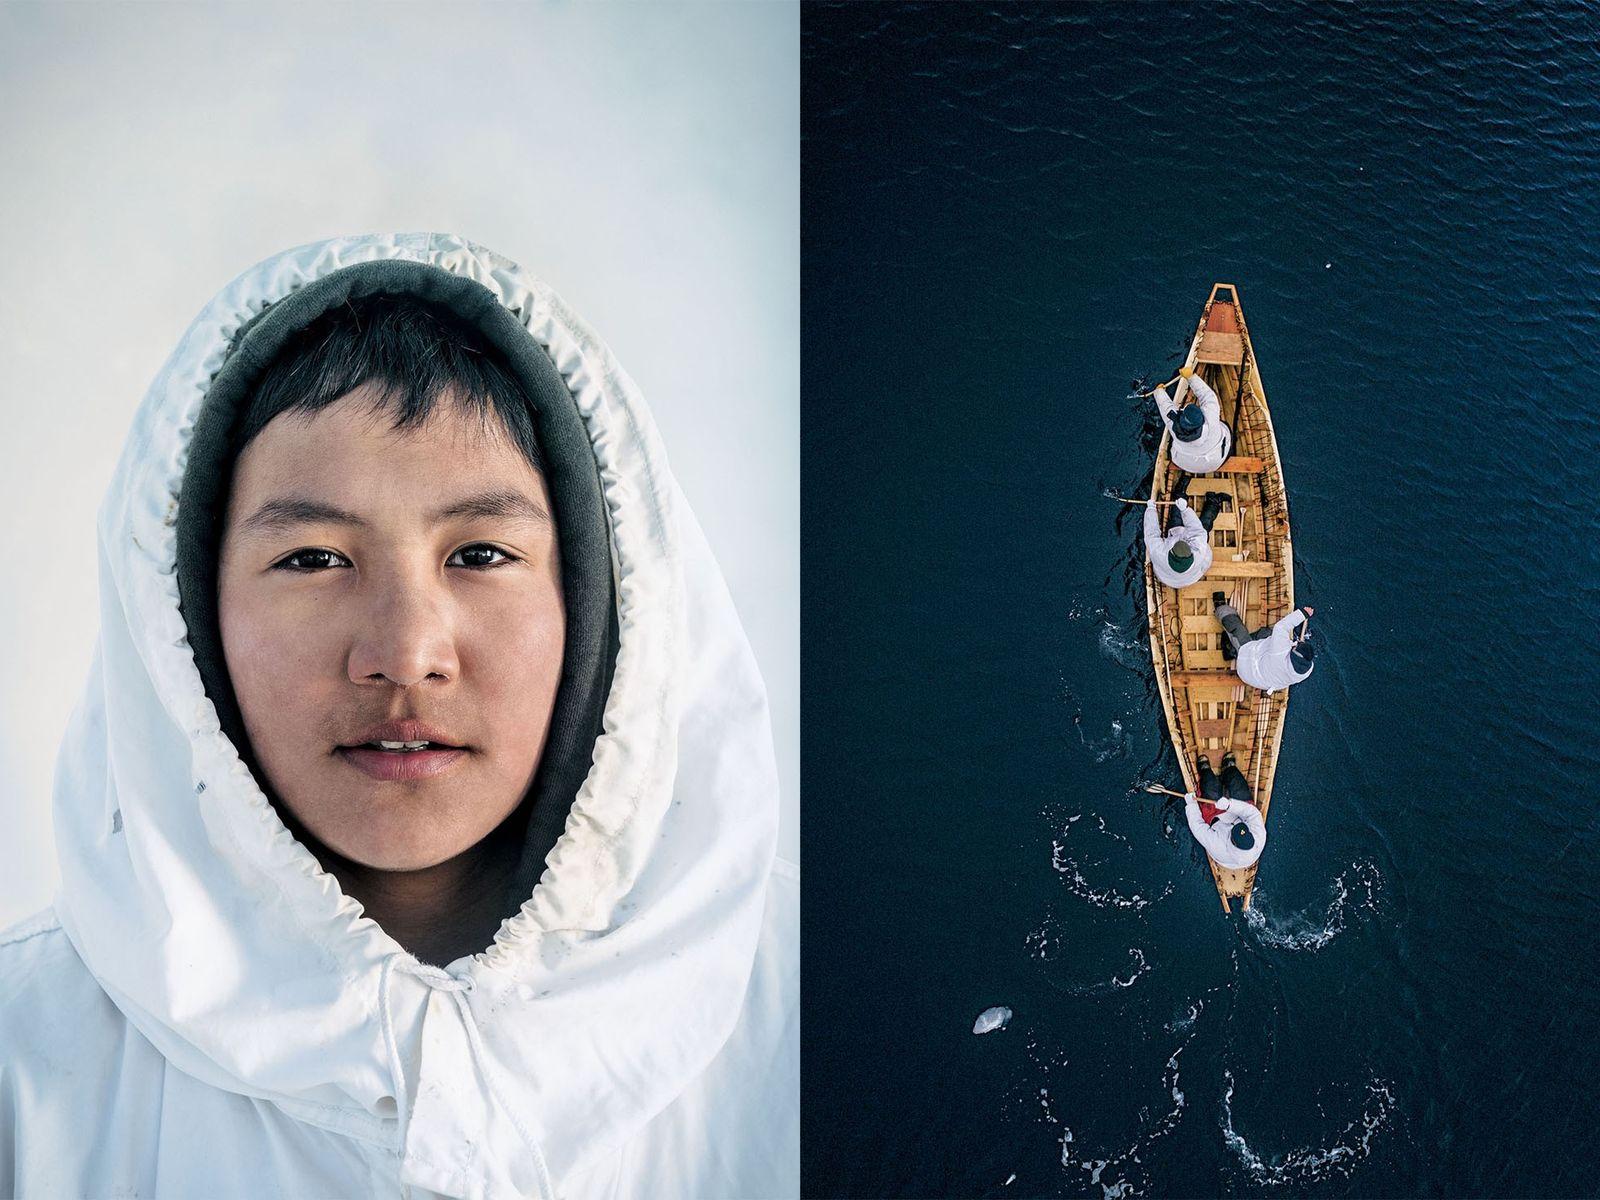 Yugu Alfred Ningeok (à esquerda) é filho de um capitão baleeiro inupiat. Um umiak, ou barco ...